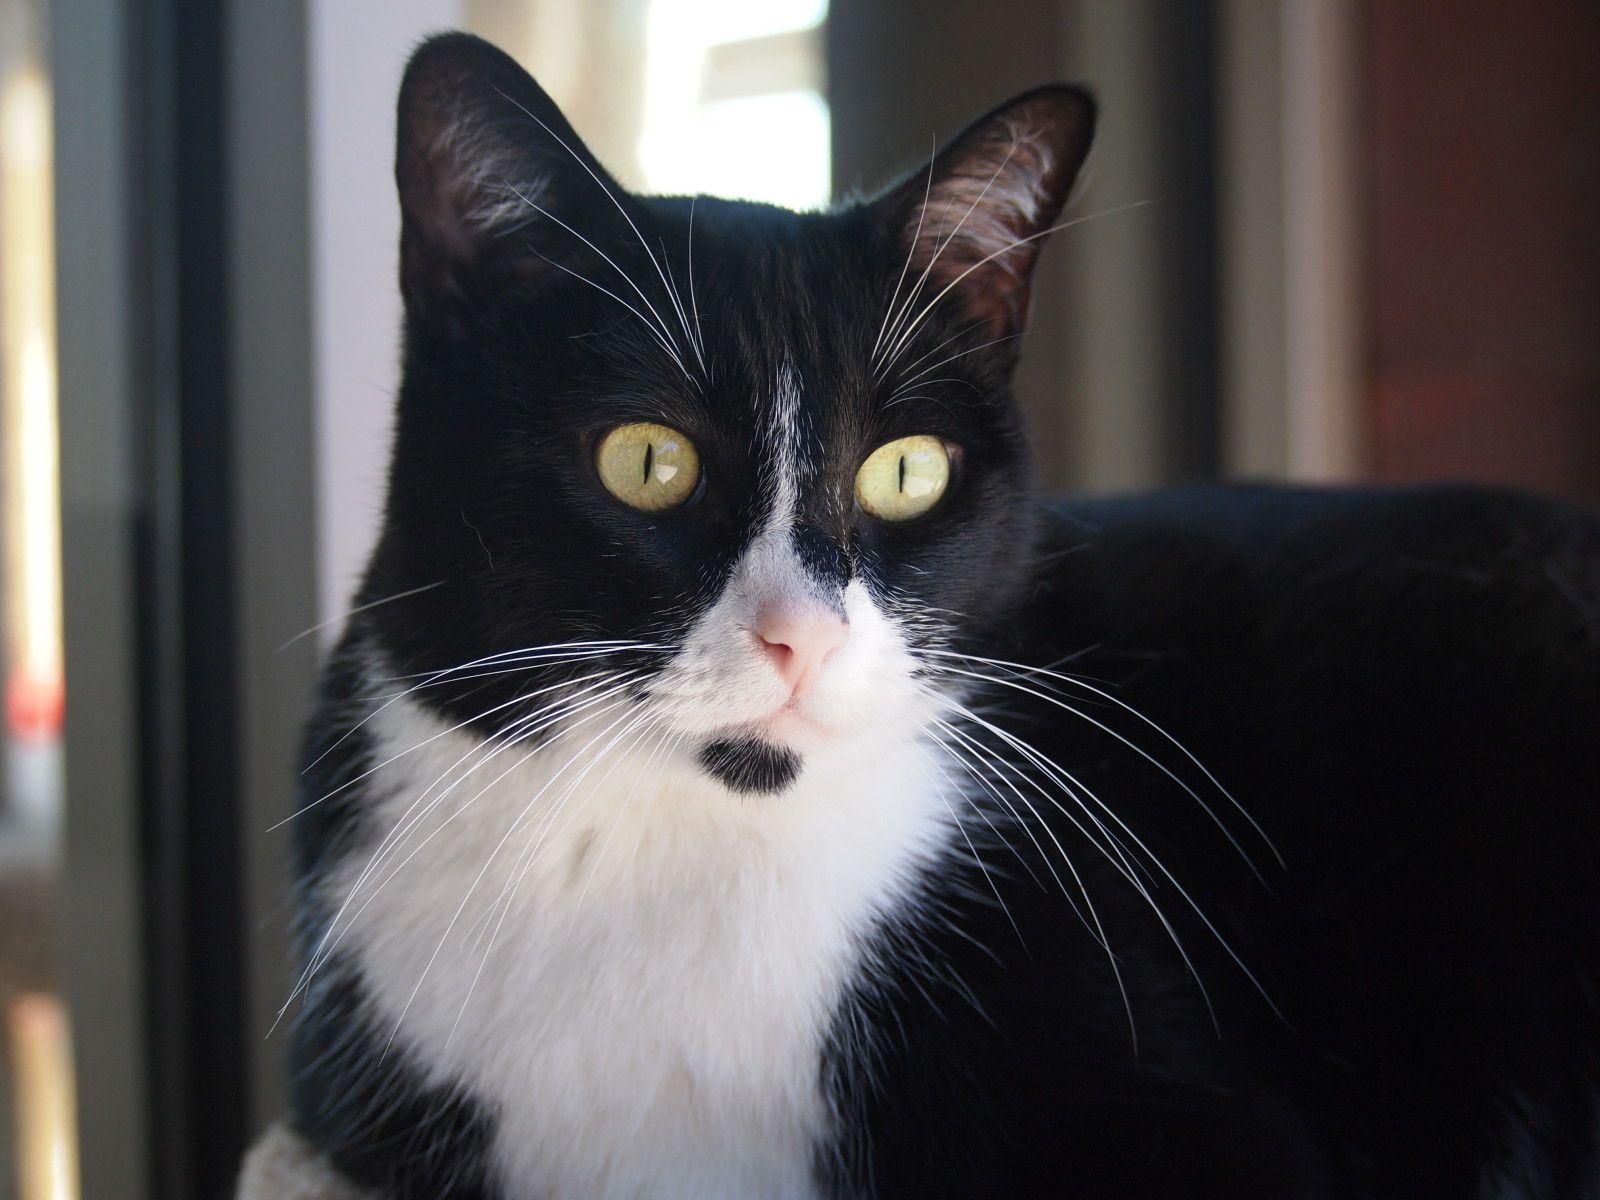 Inga Cat adoption, Cats, White cats